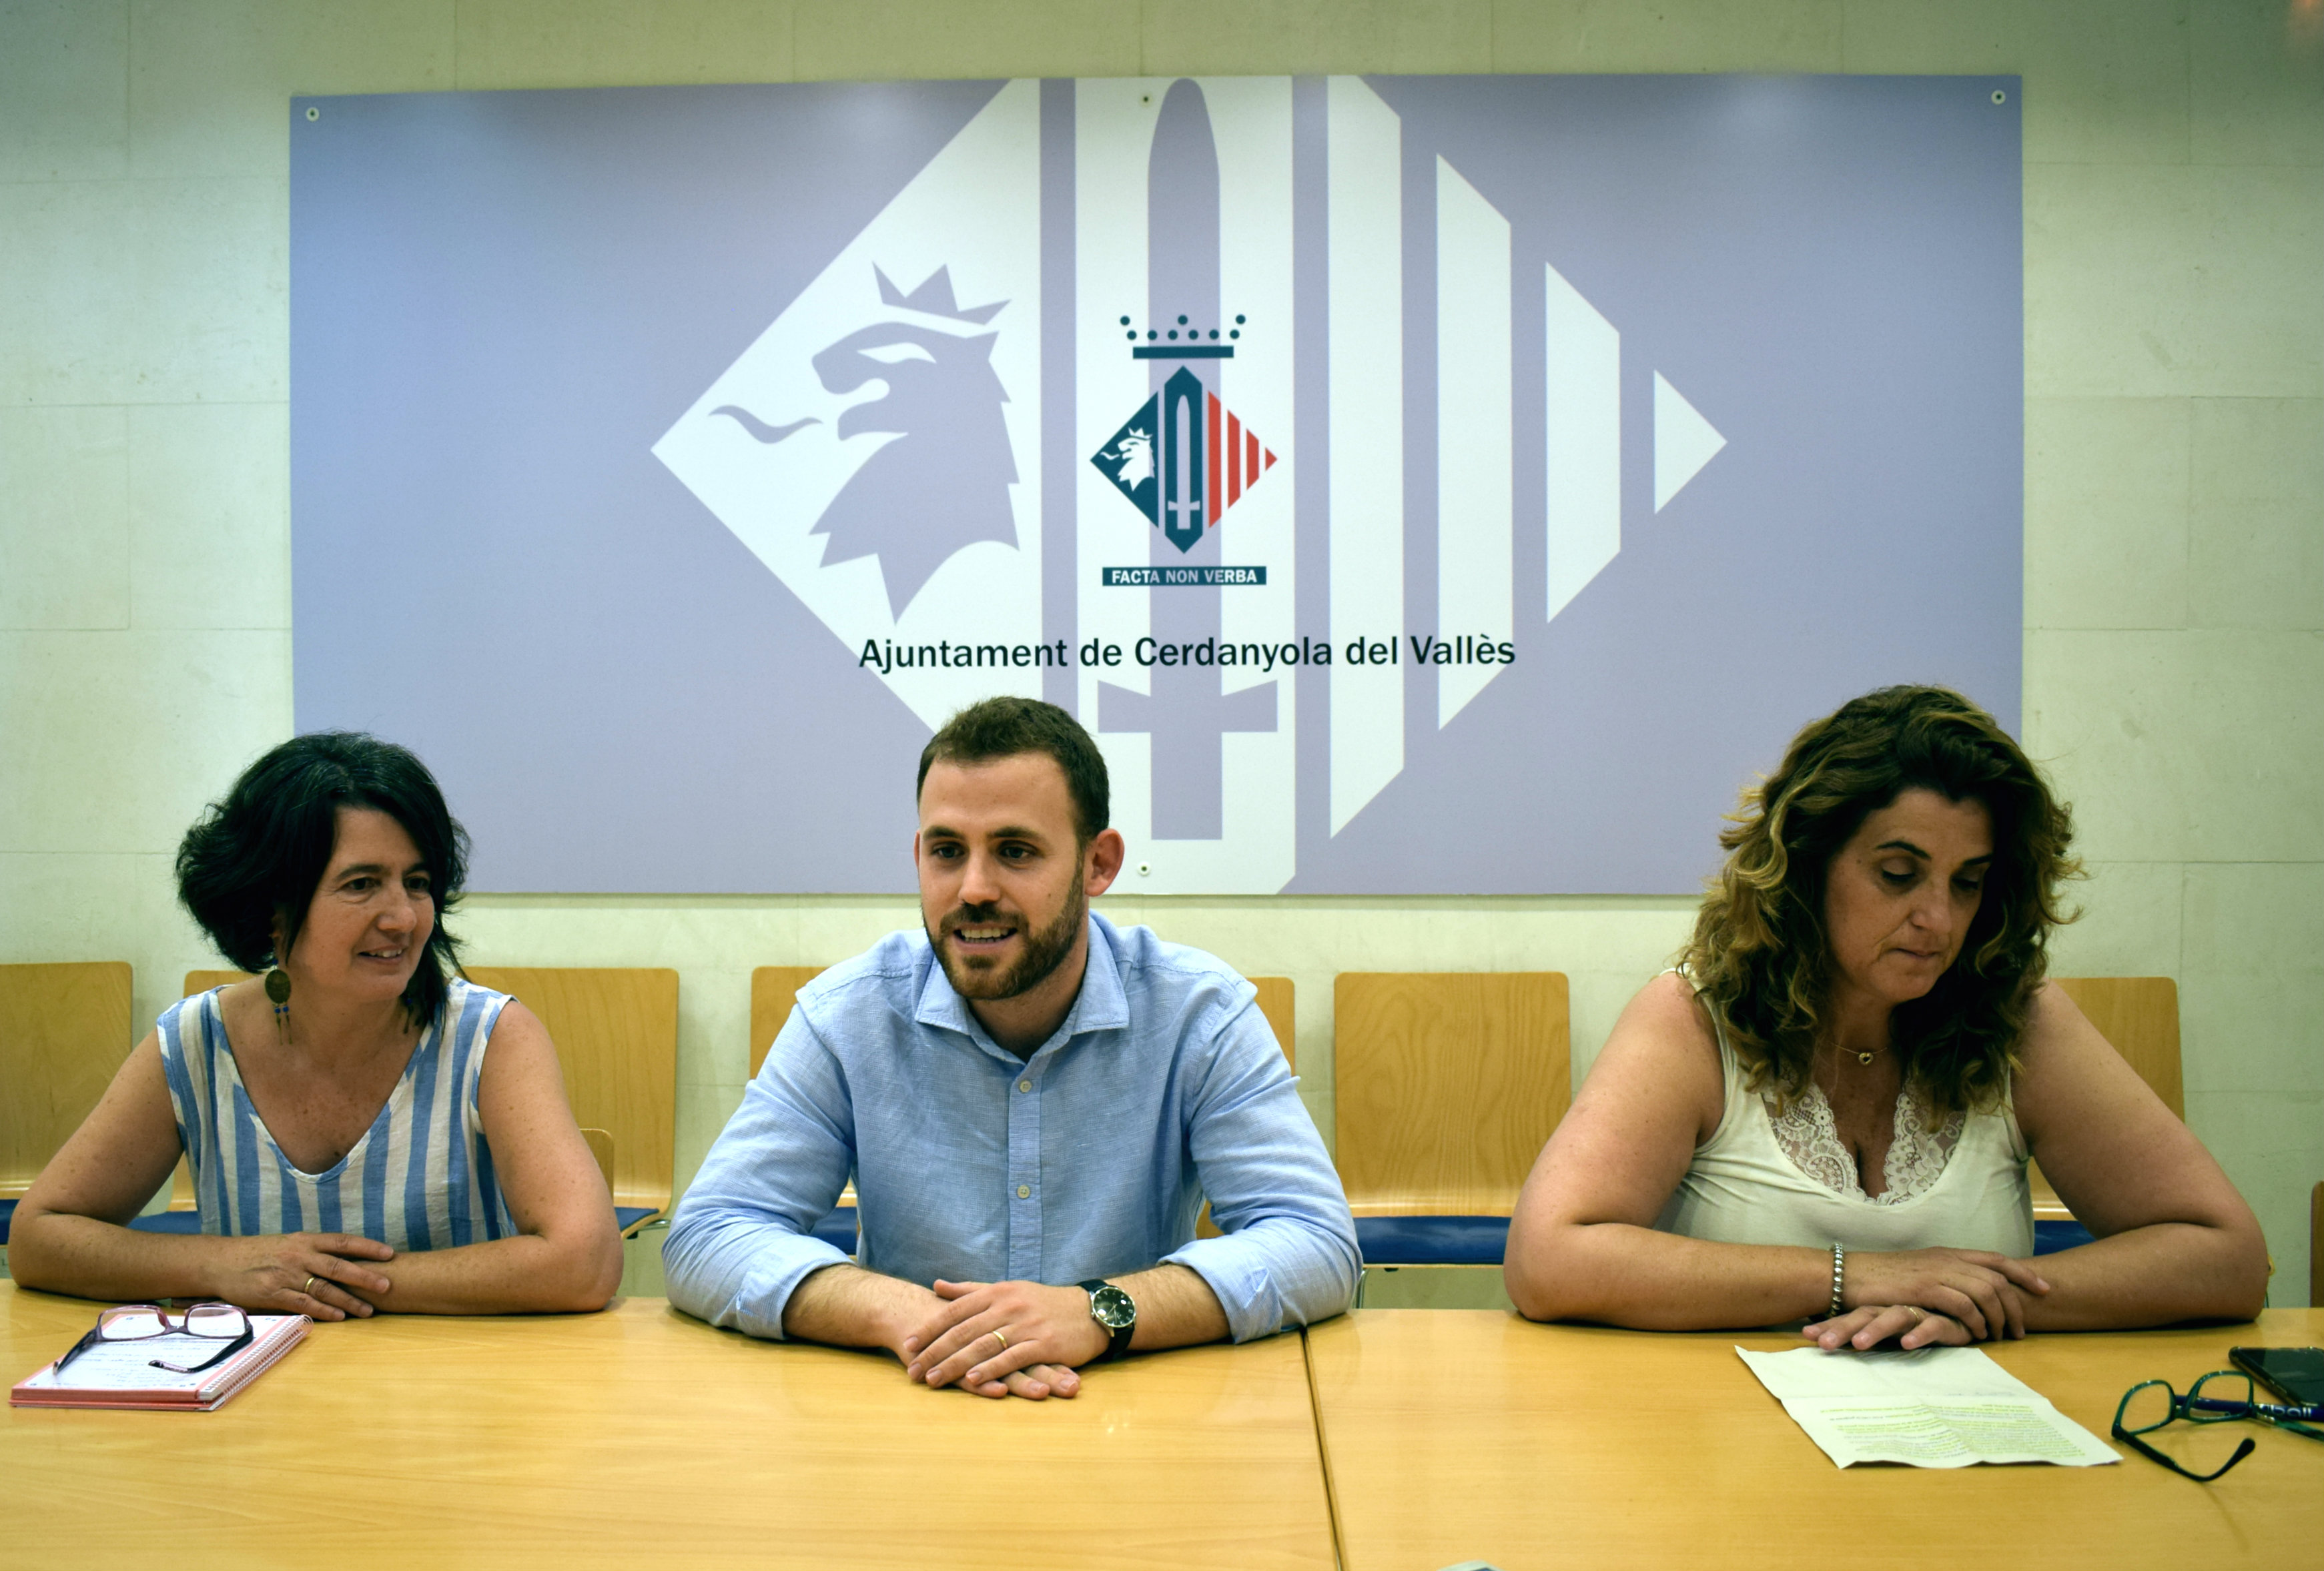 Eulàlia Mimó, regidora de Planificació Urbanística, Carlos Cordón, alcalde, i Pepi Rivera, regidora de Cultura